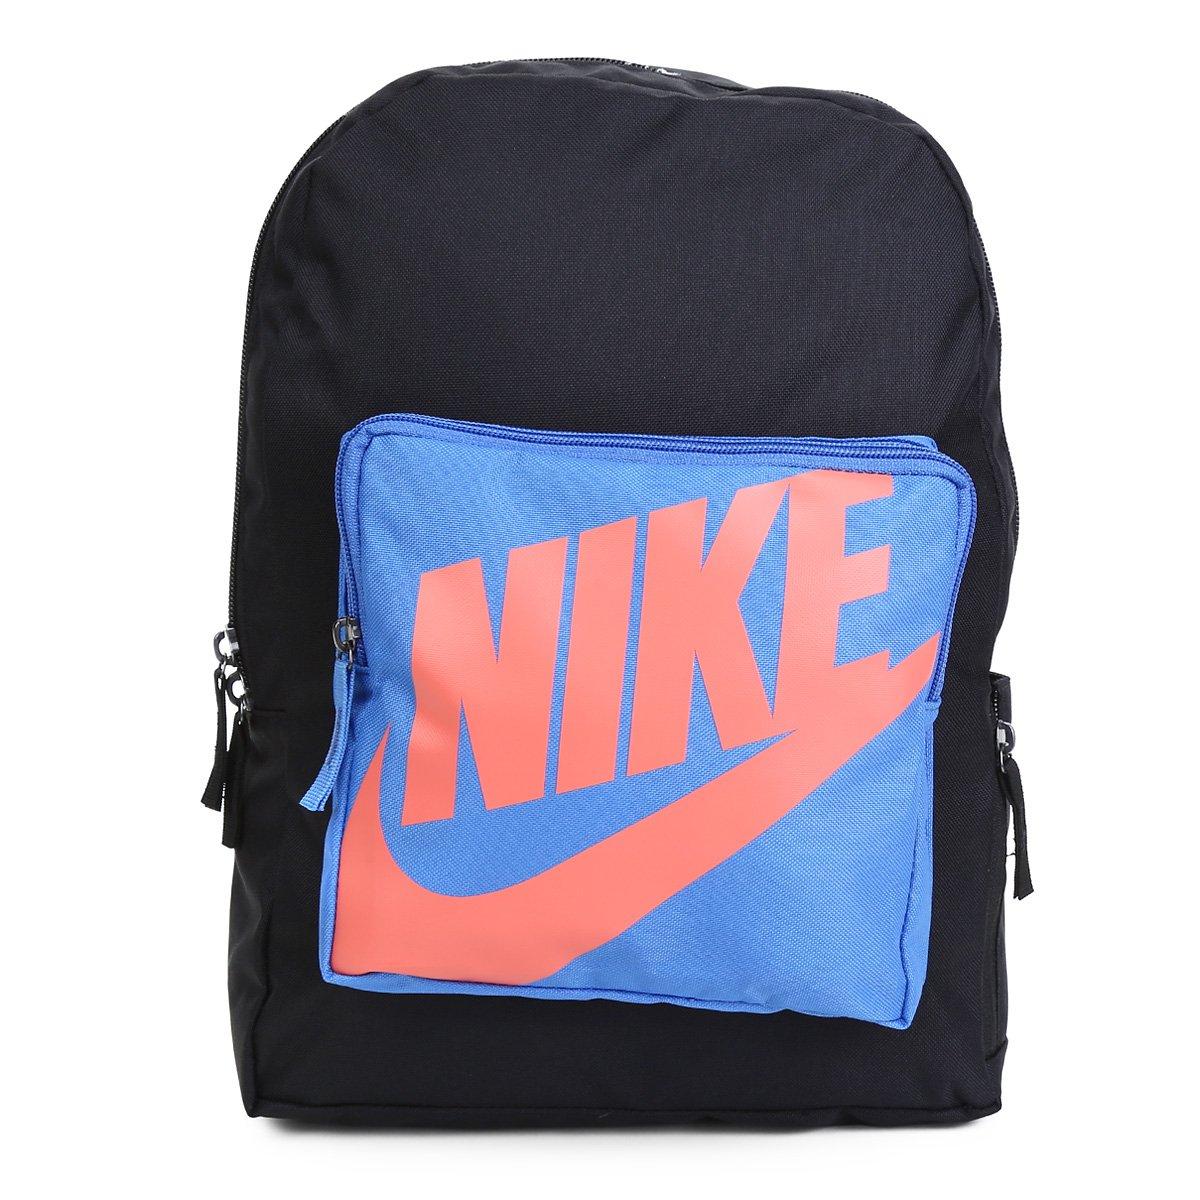 Mochila Infantil Nike Classic 16 litros - Preto e Azul